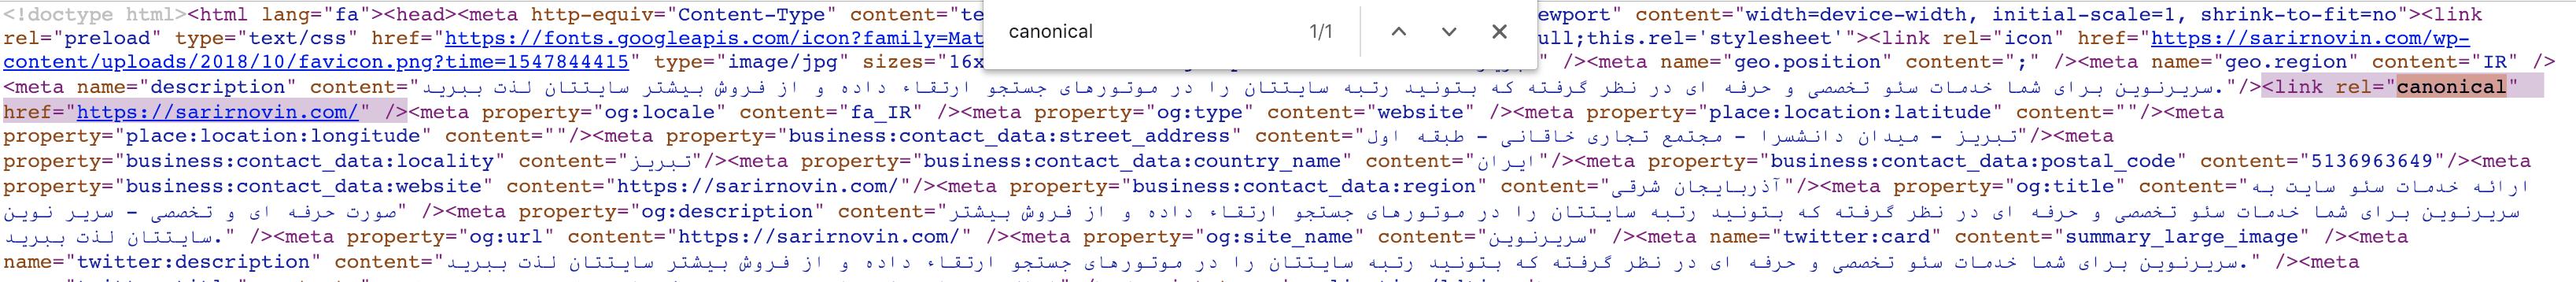 استفاده از تگ کنونیکال canonical در کد صفحه